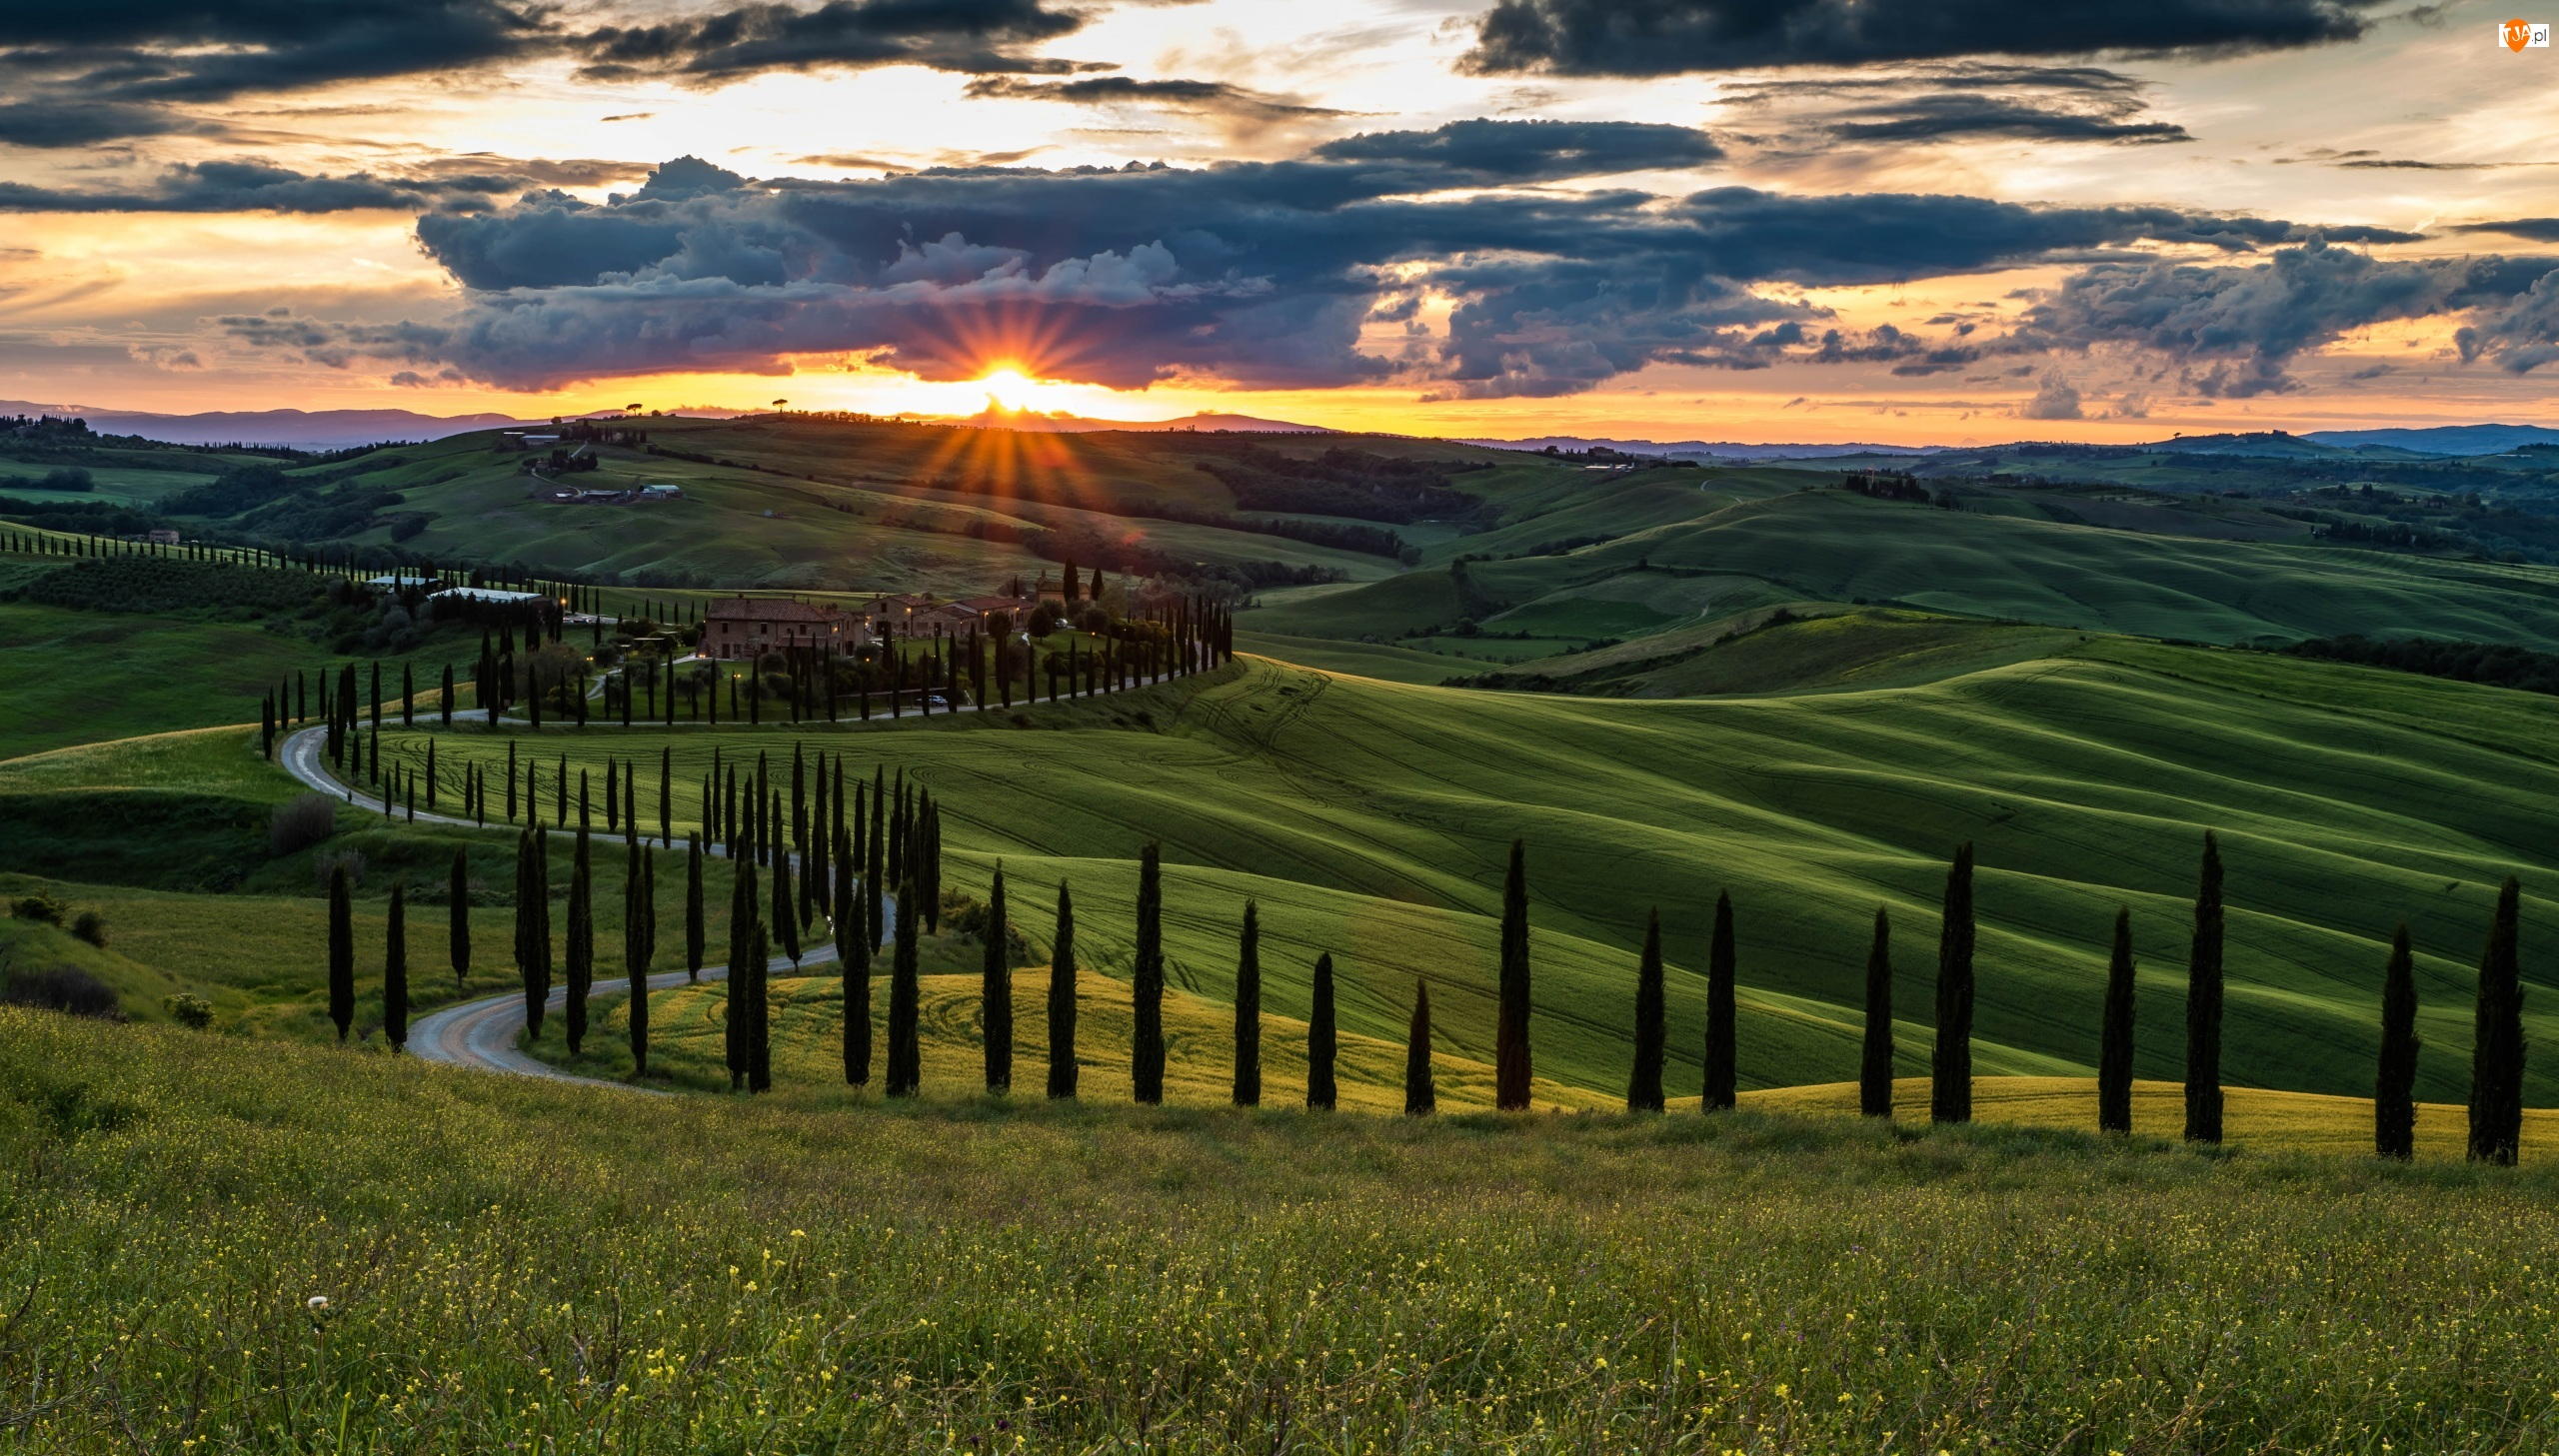 Chmury, Toskania, Wschód słońca, Droga, Cyprysy, Wzgórza, Drzewa, Włochy, Domy